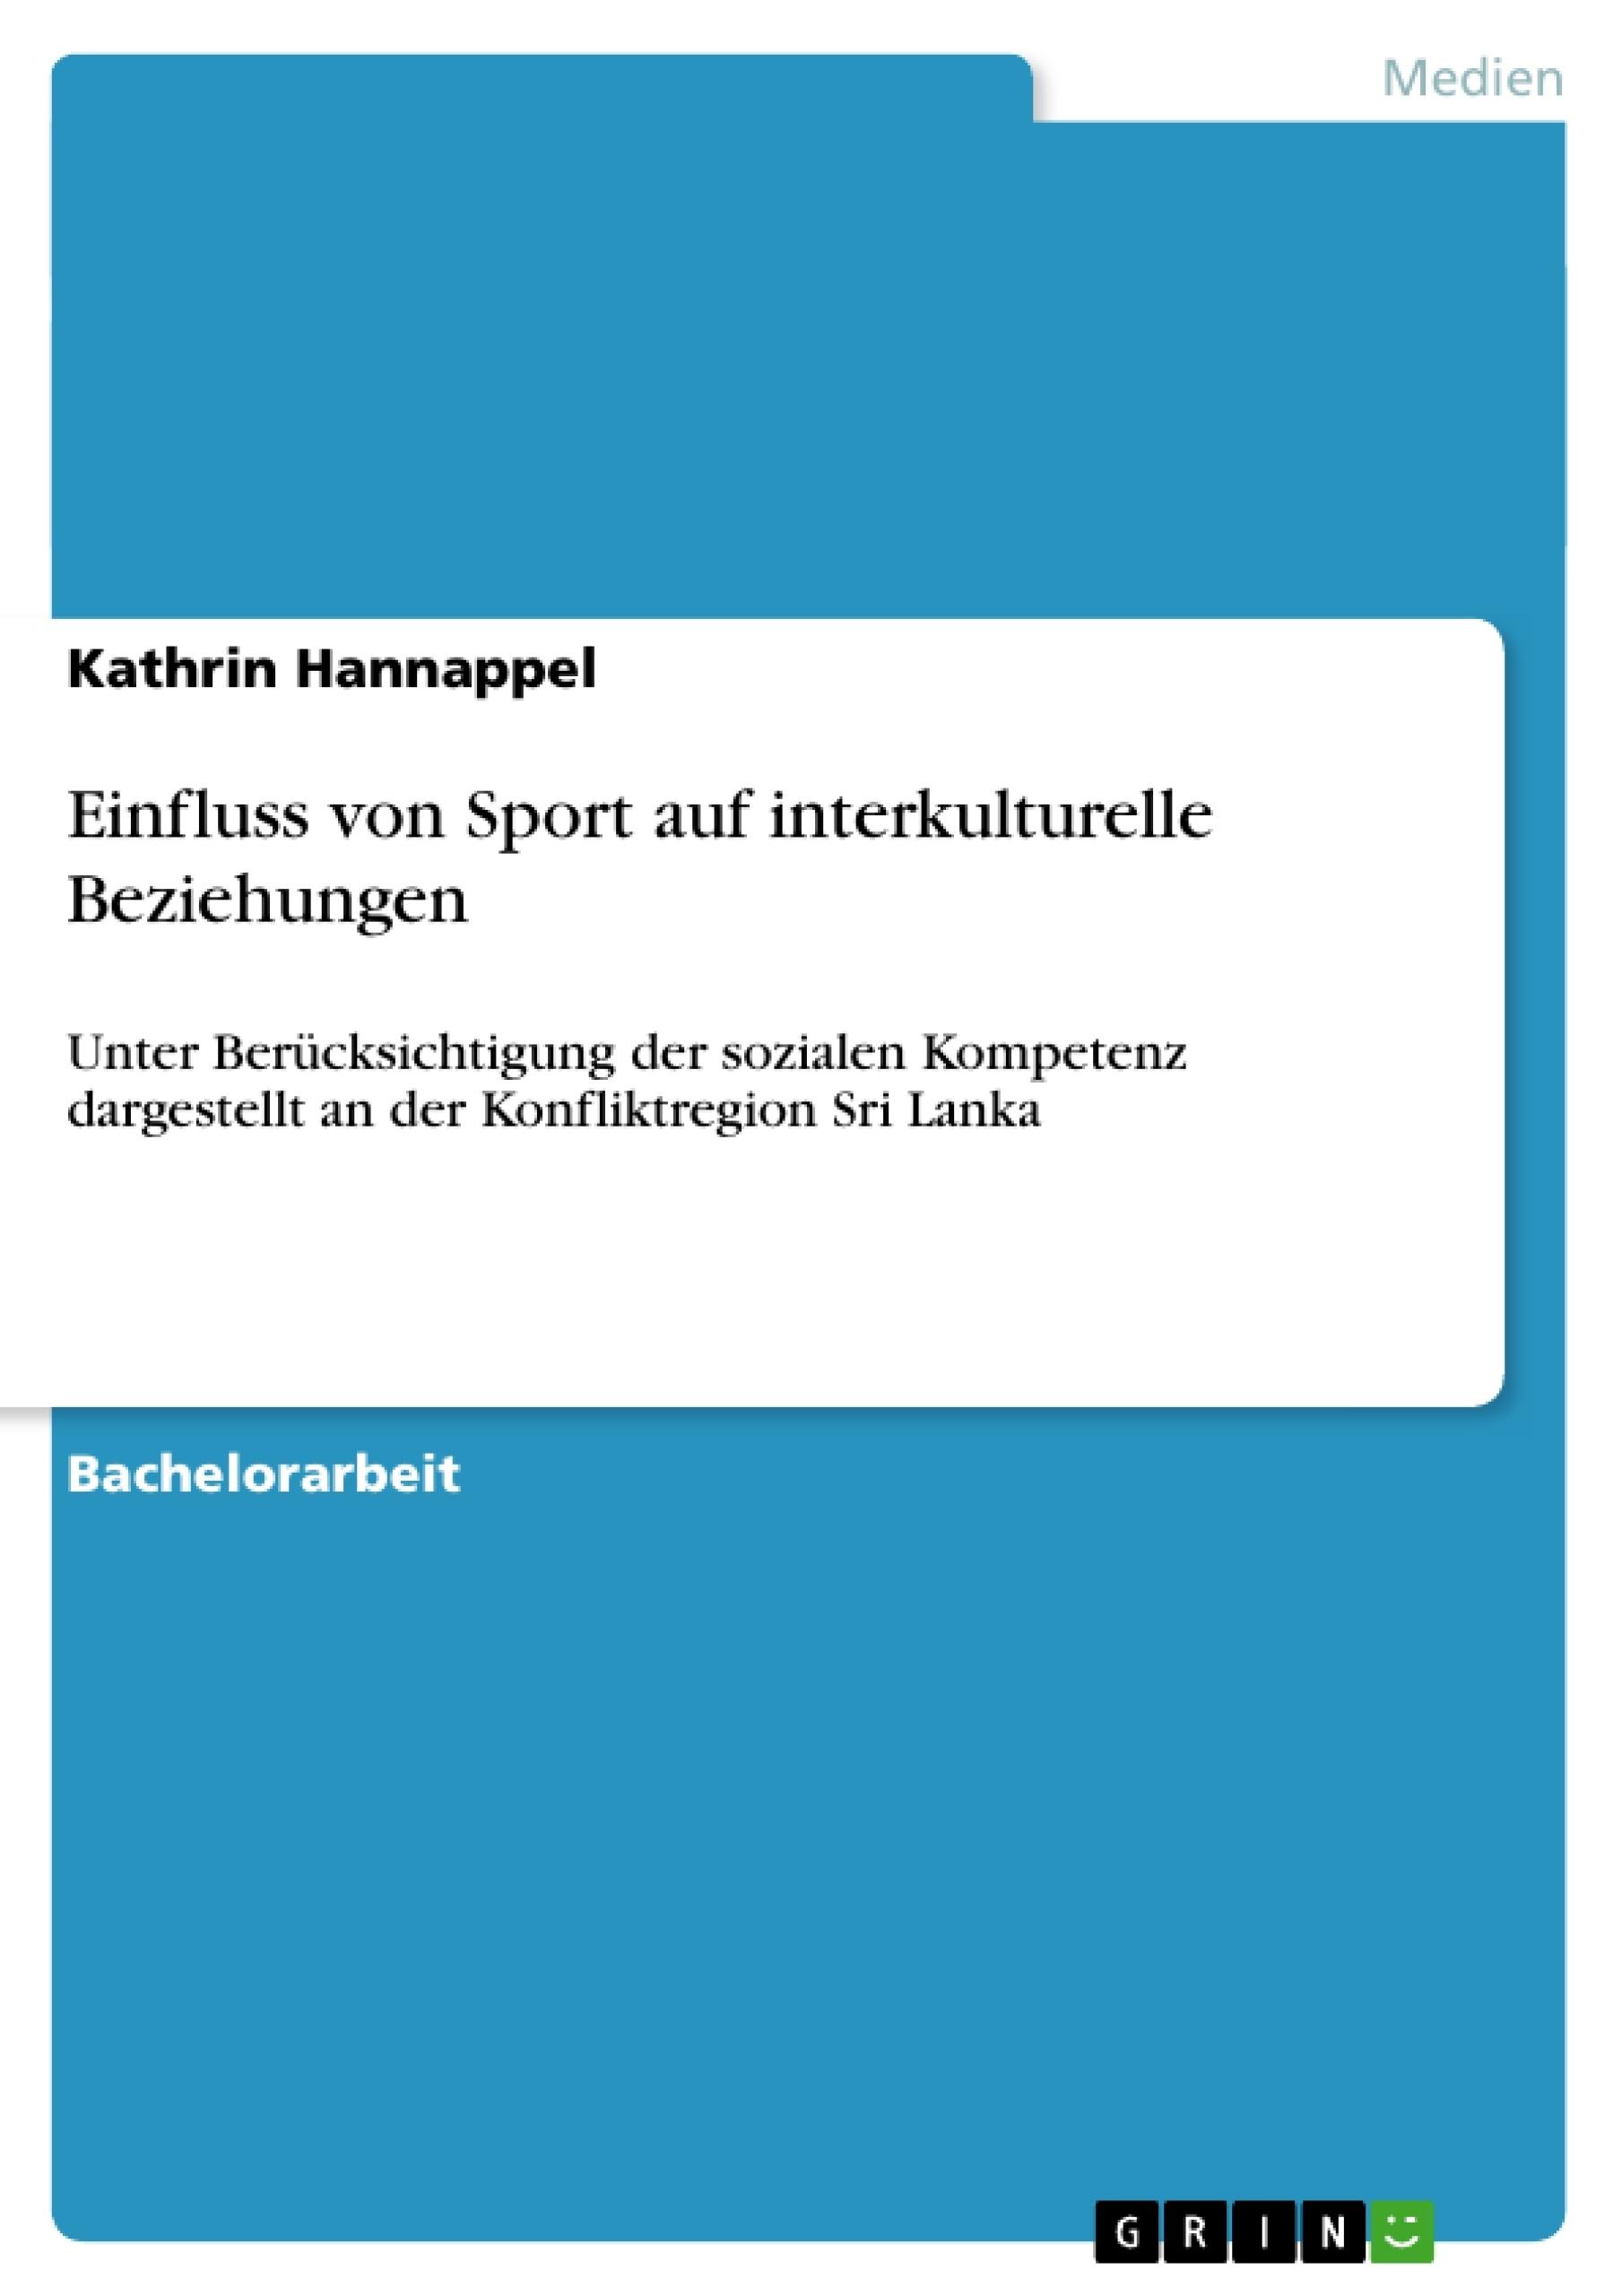 Titel: Einfluss von Sport auf interkulturelle Beziehungen